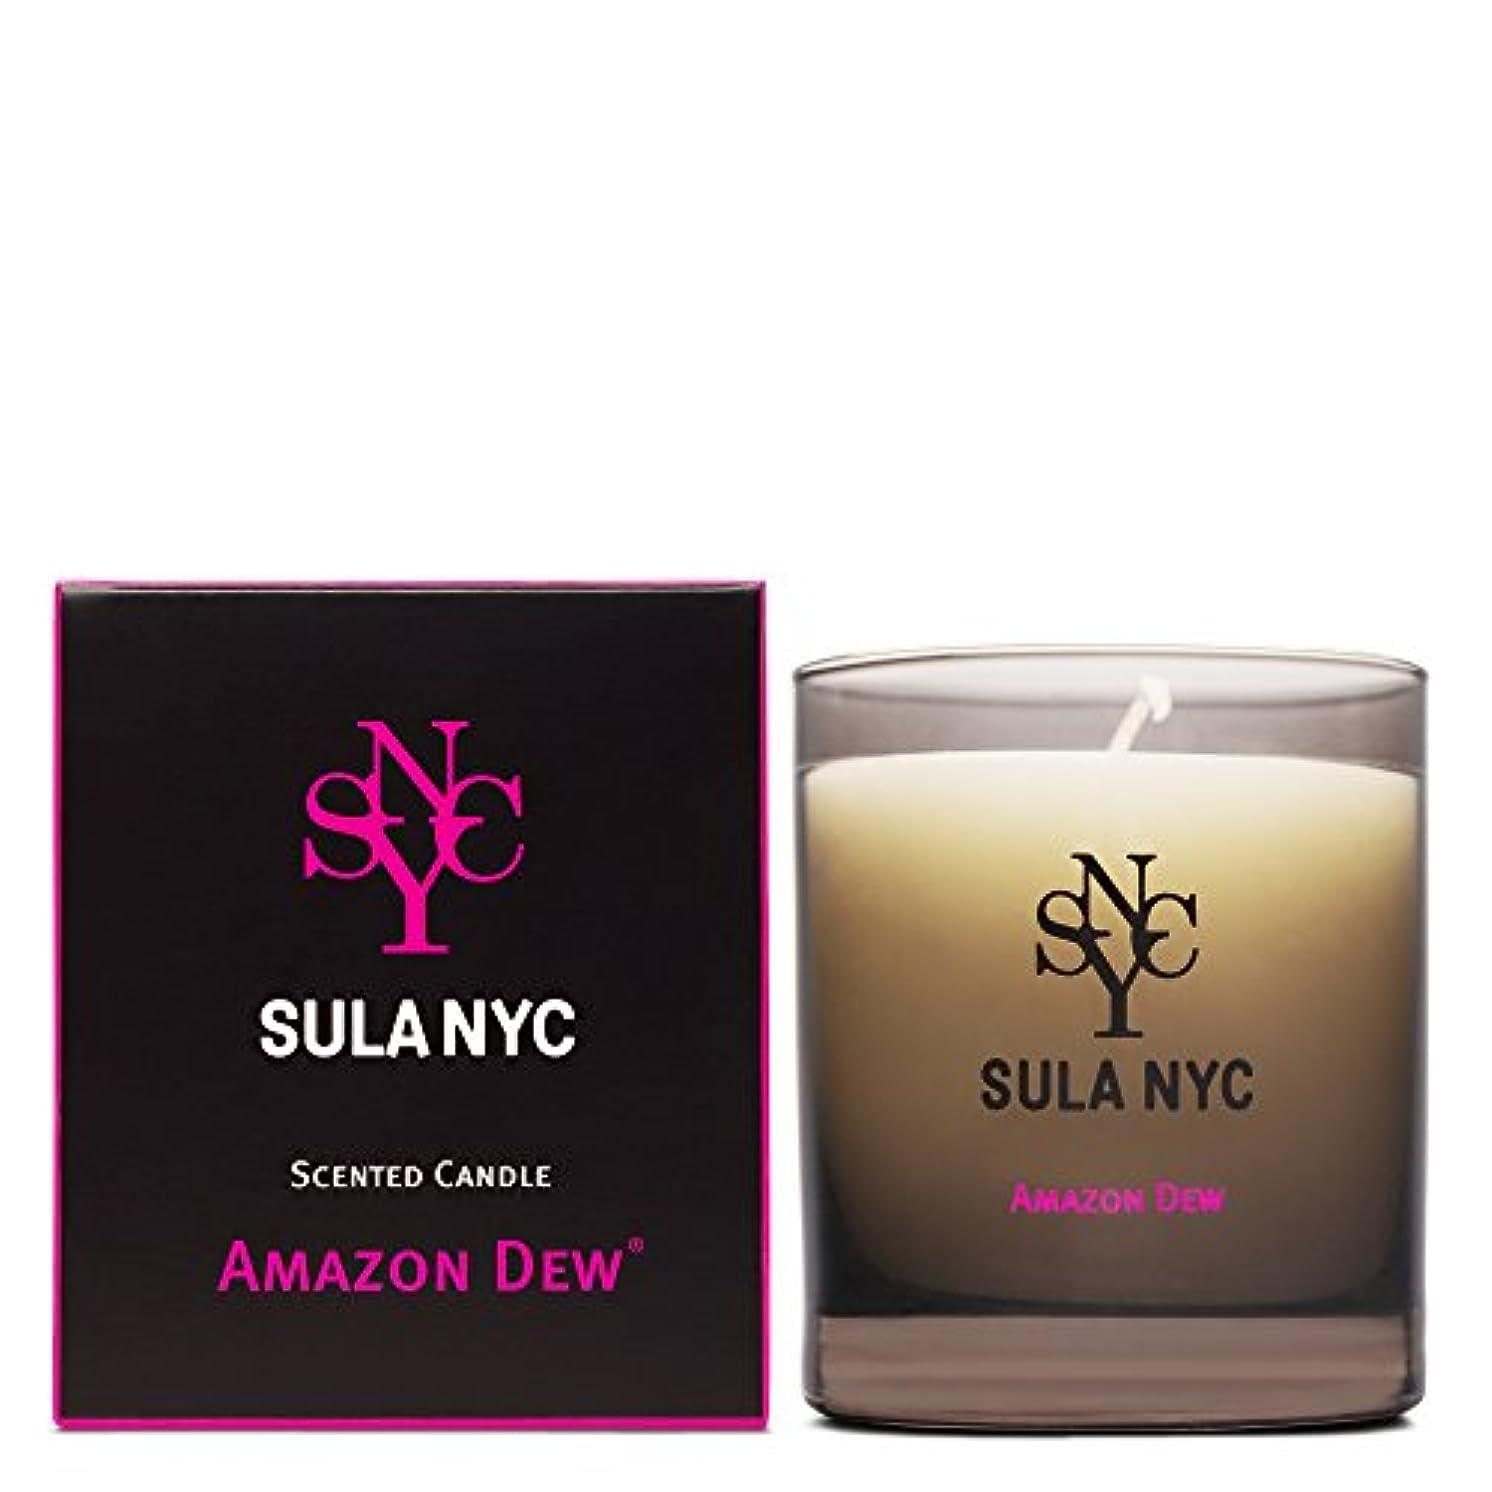 キャスト錫優越SULA NYC SCENTED CANDLE AMAZON DEW スーラNYCセンティッドキャンドル アマゾン?デュー